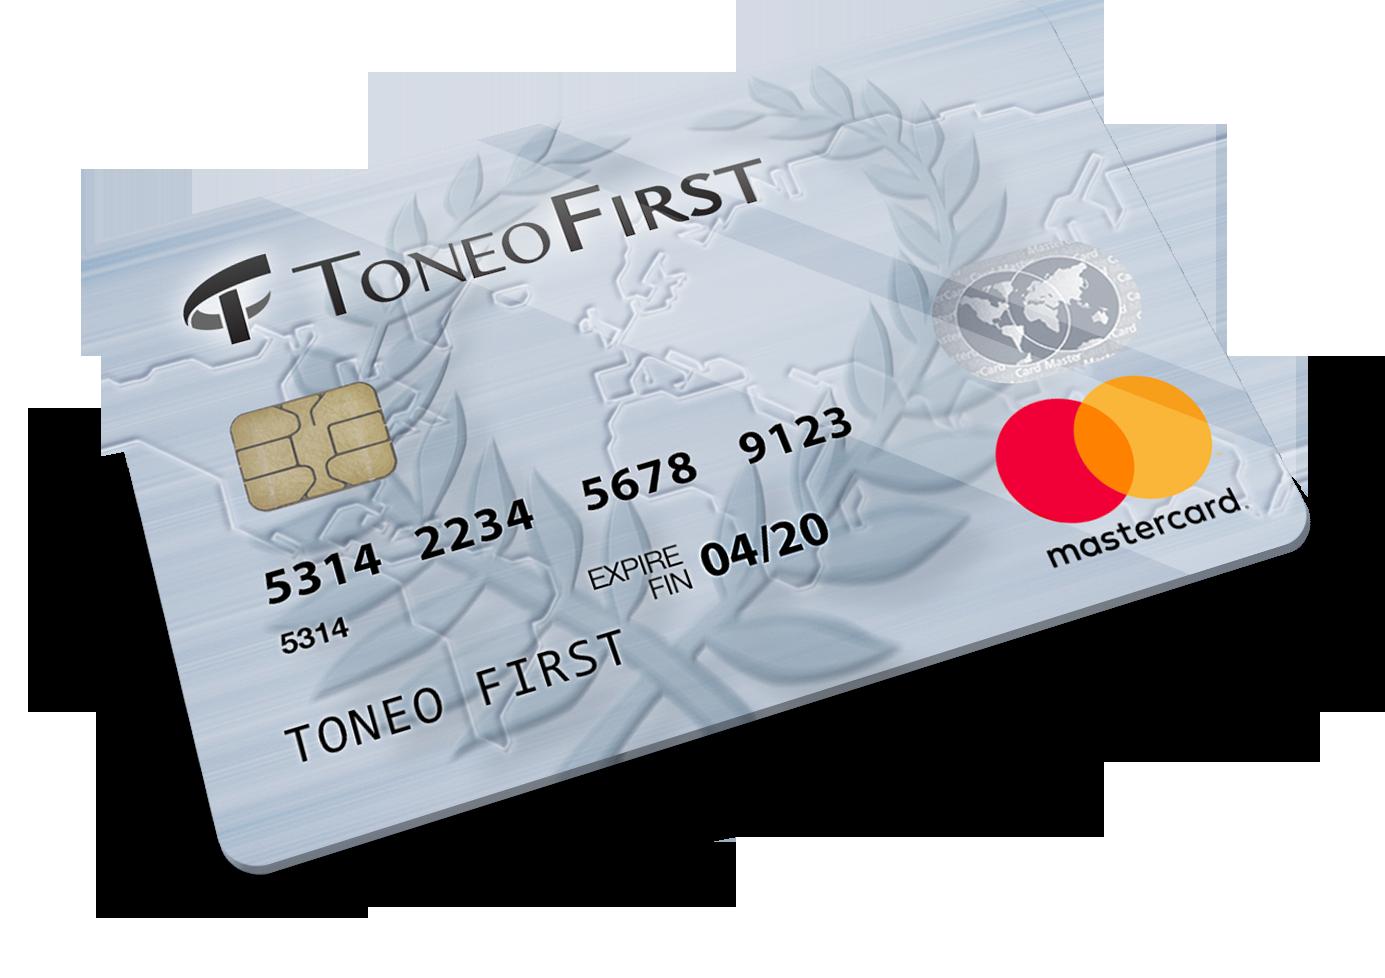 Carte Bancaire Prepayee Sans Identite.Avenir Des Cartes Prepayees Gie Et Commerces Toneo First